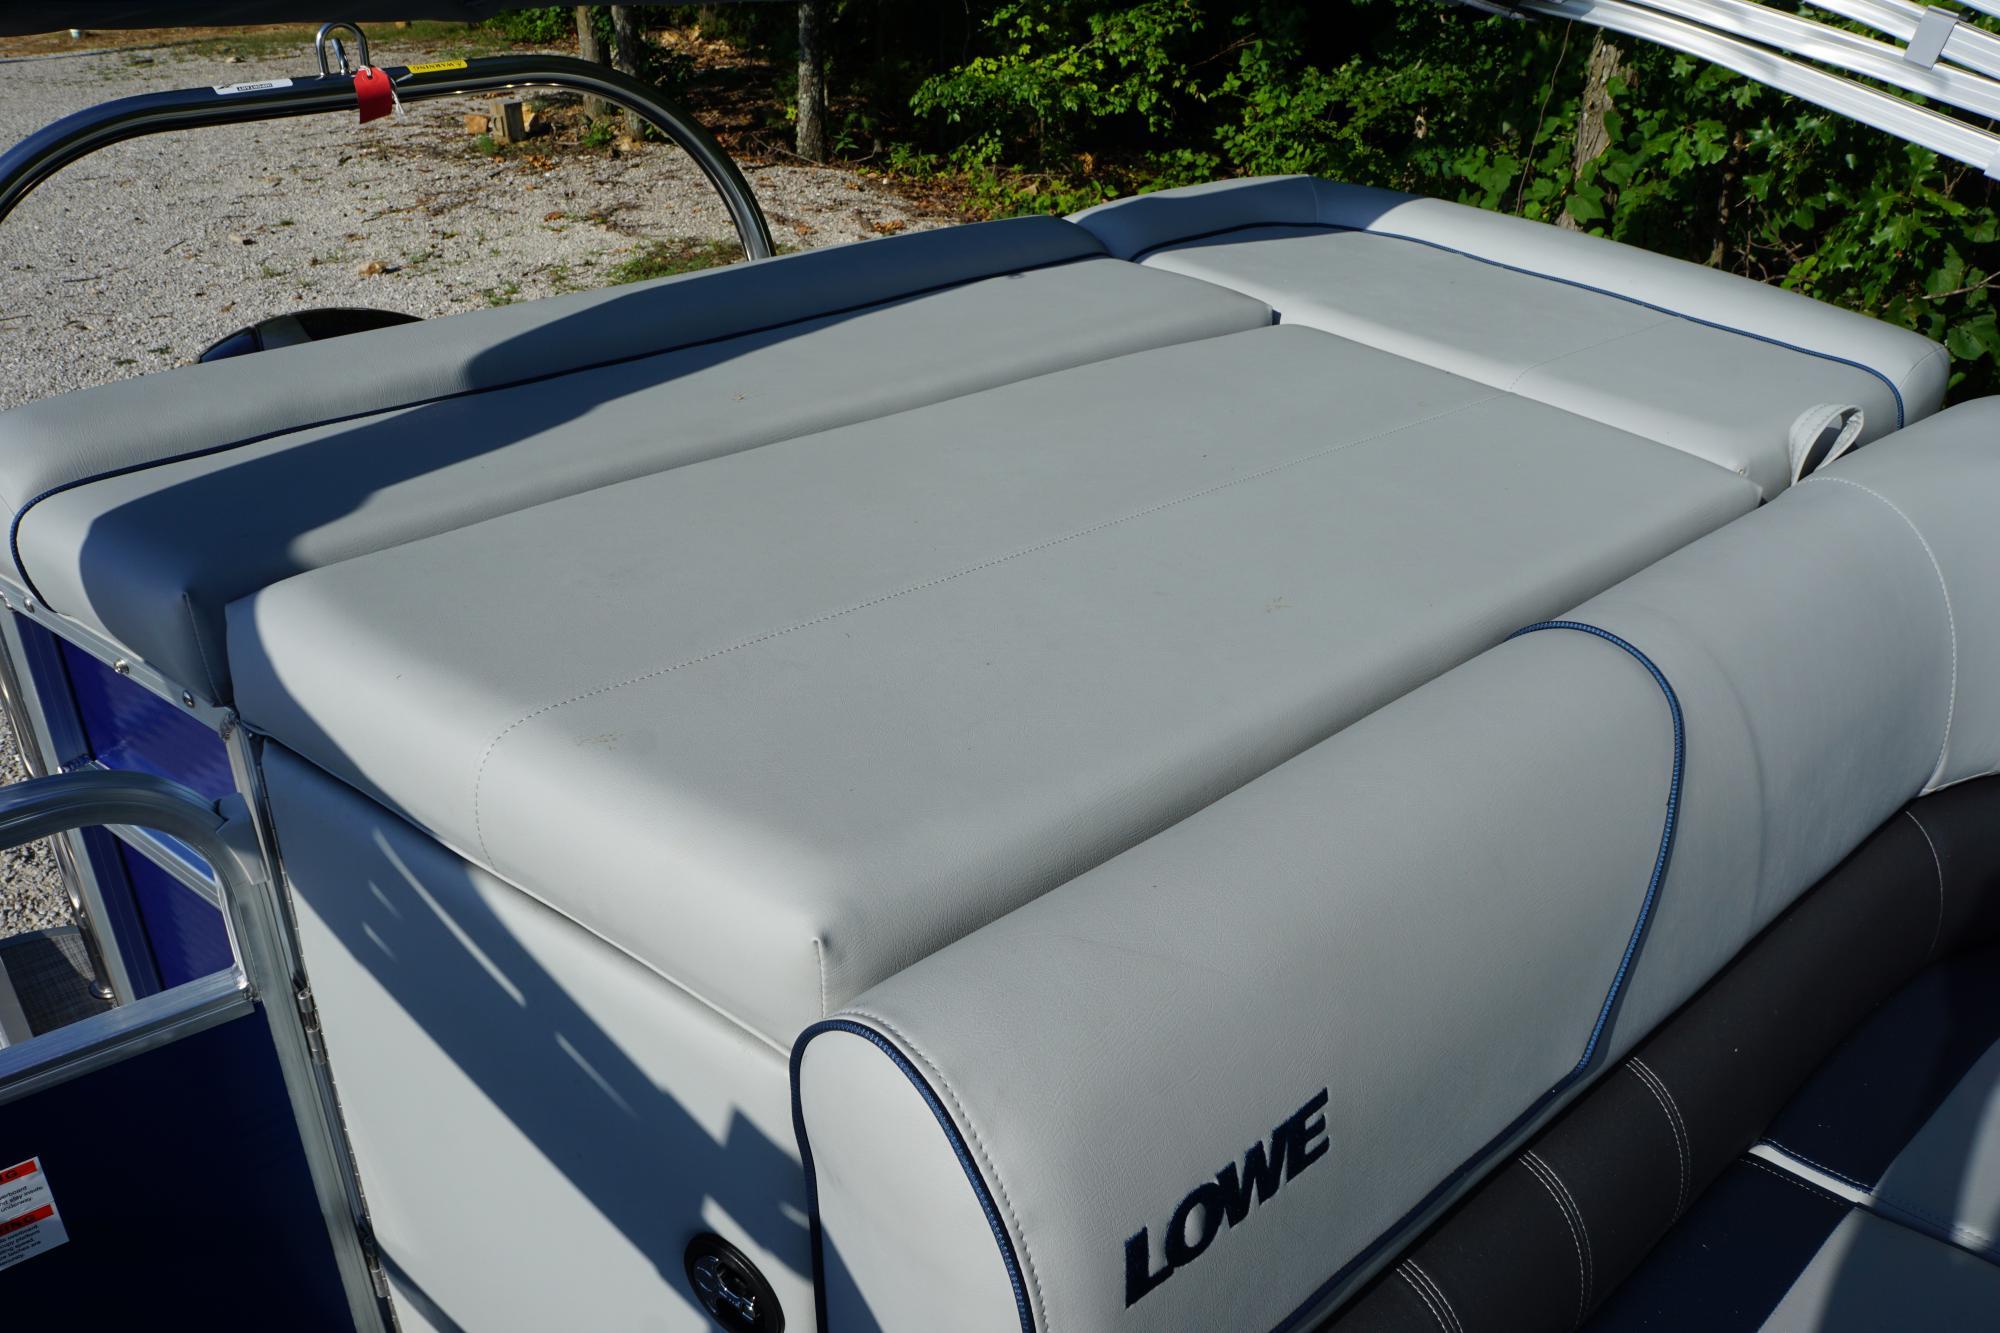 2019 LOWE SS210 W/ 150HP MERCURY